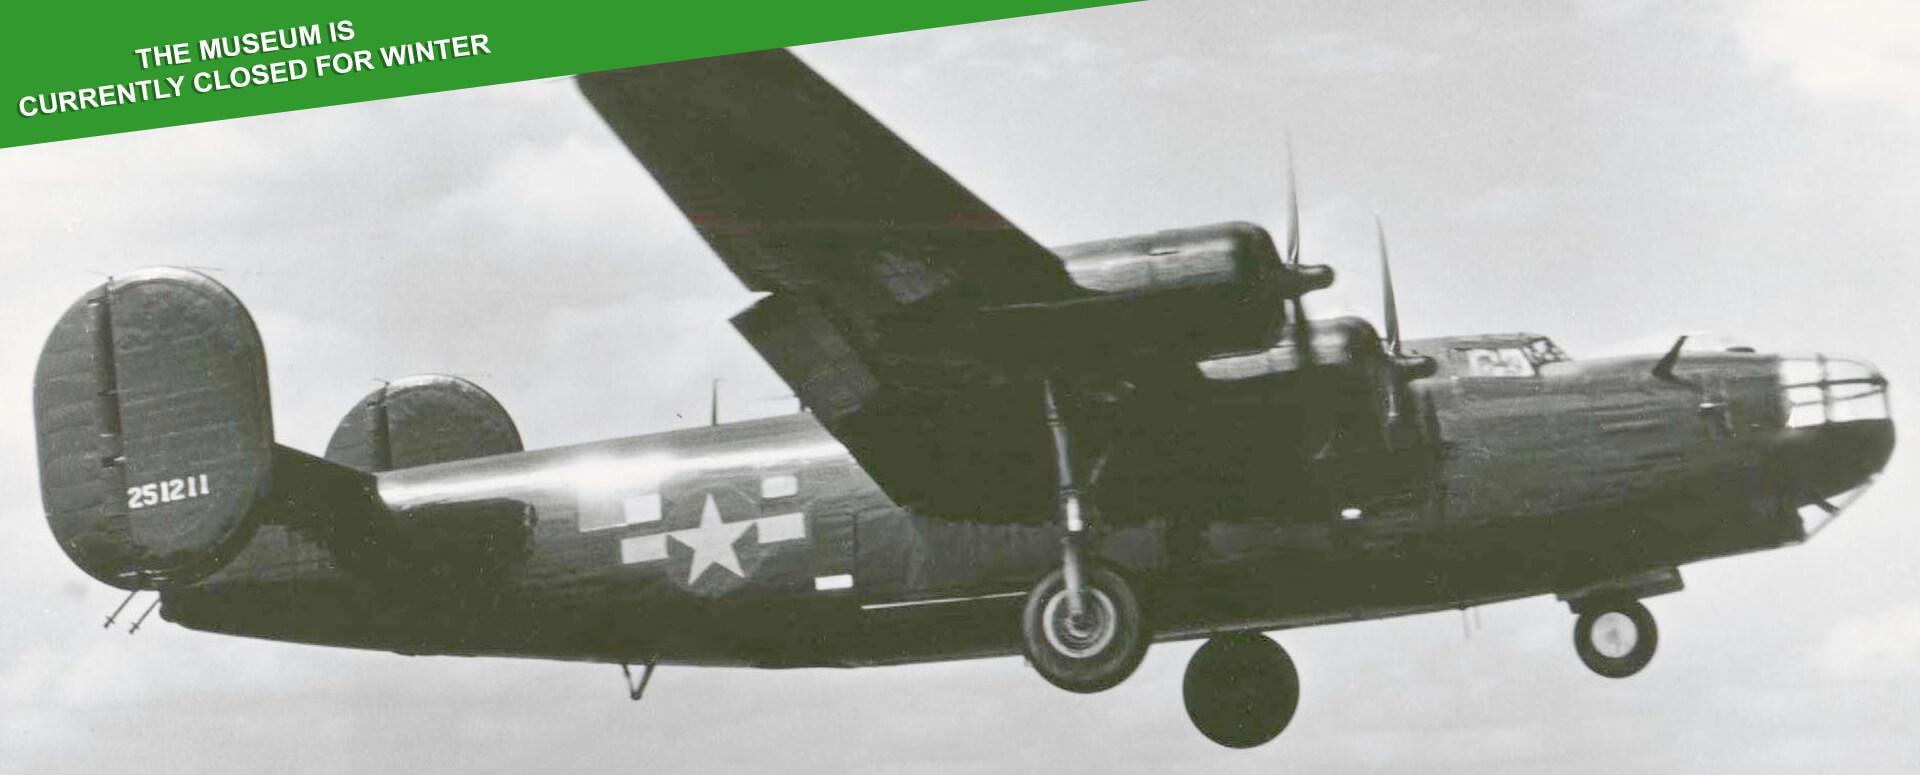 Carpet Bagger Museum Opening Slide Harrington Aviation